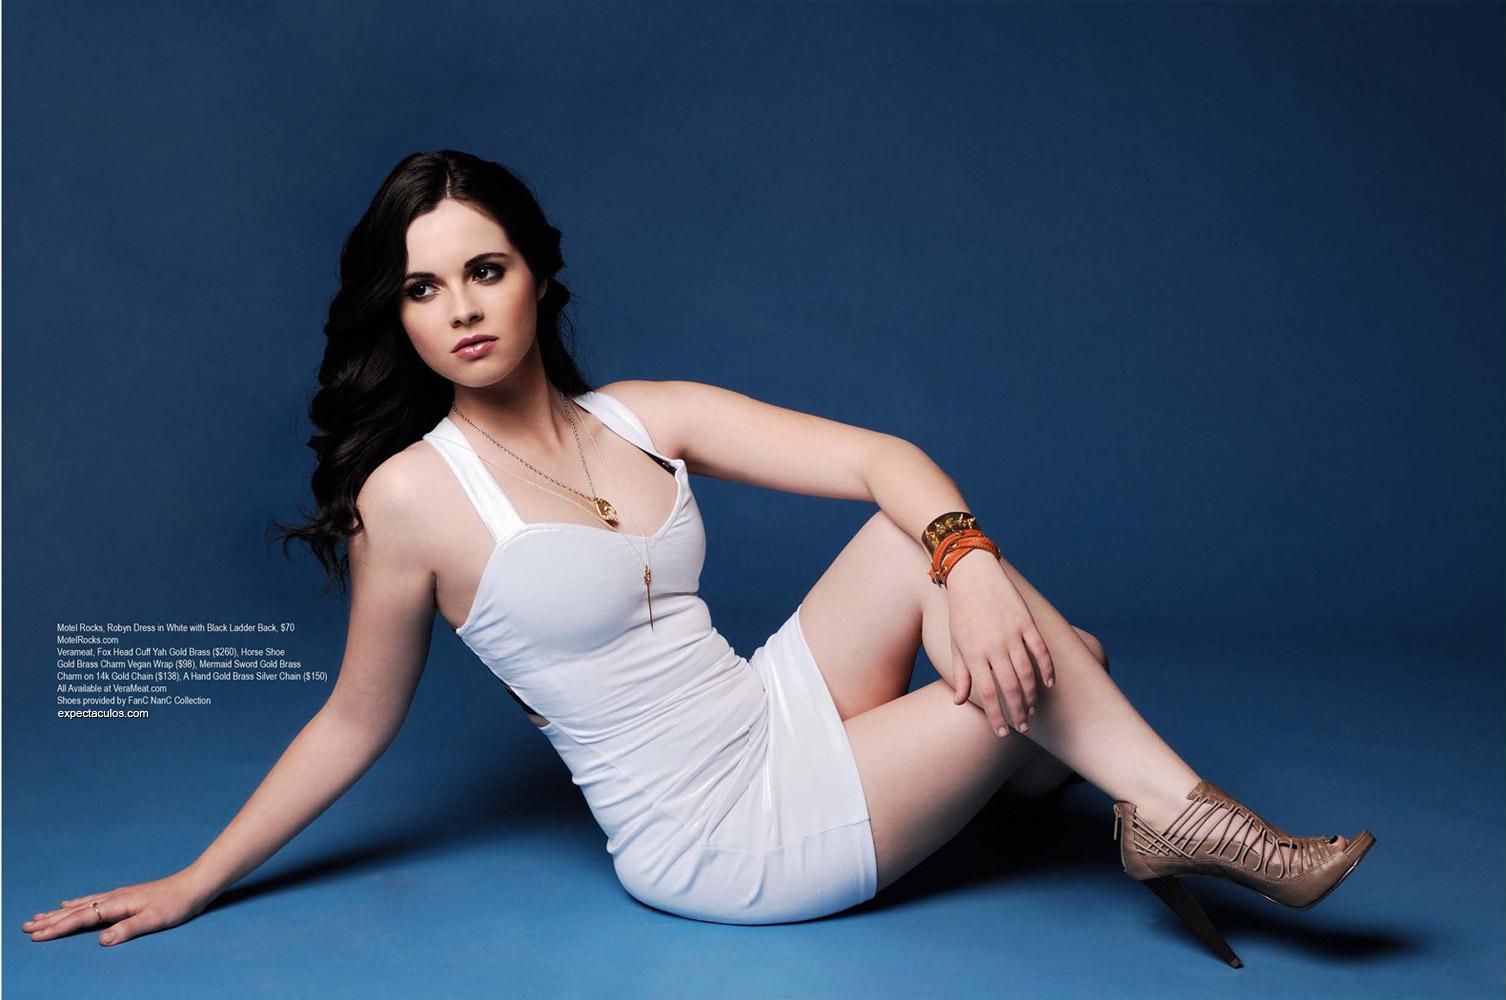 Vanessa Marano